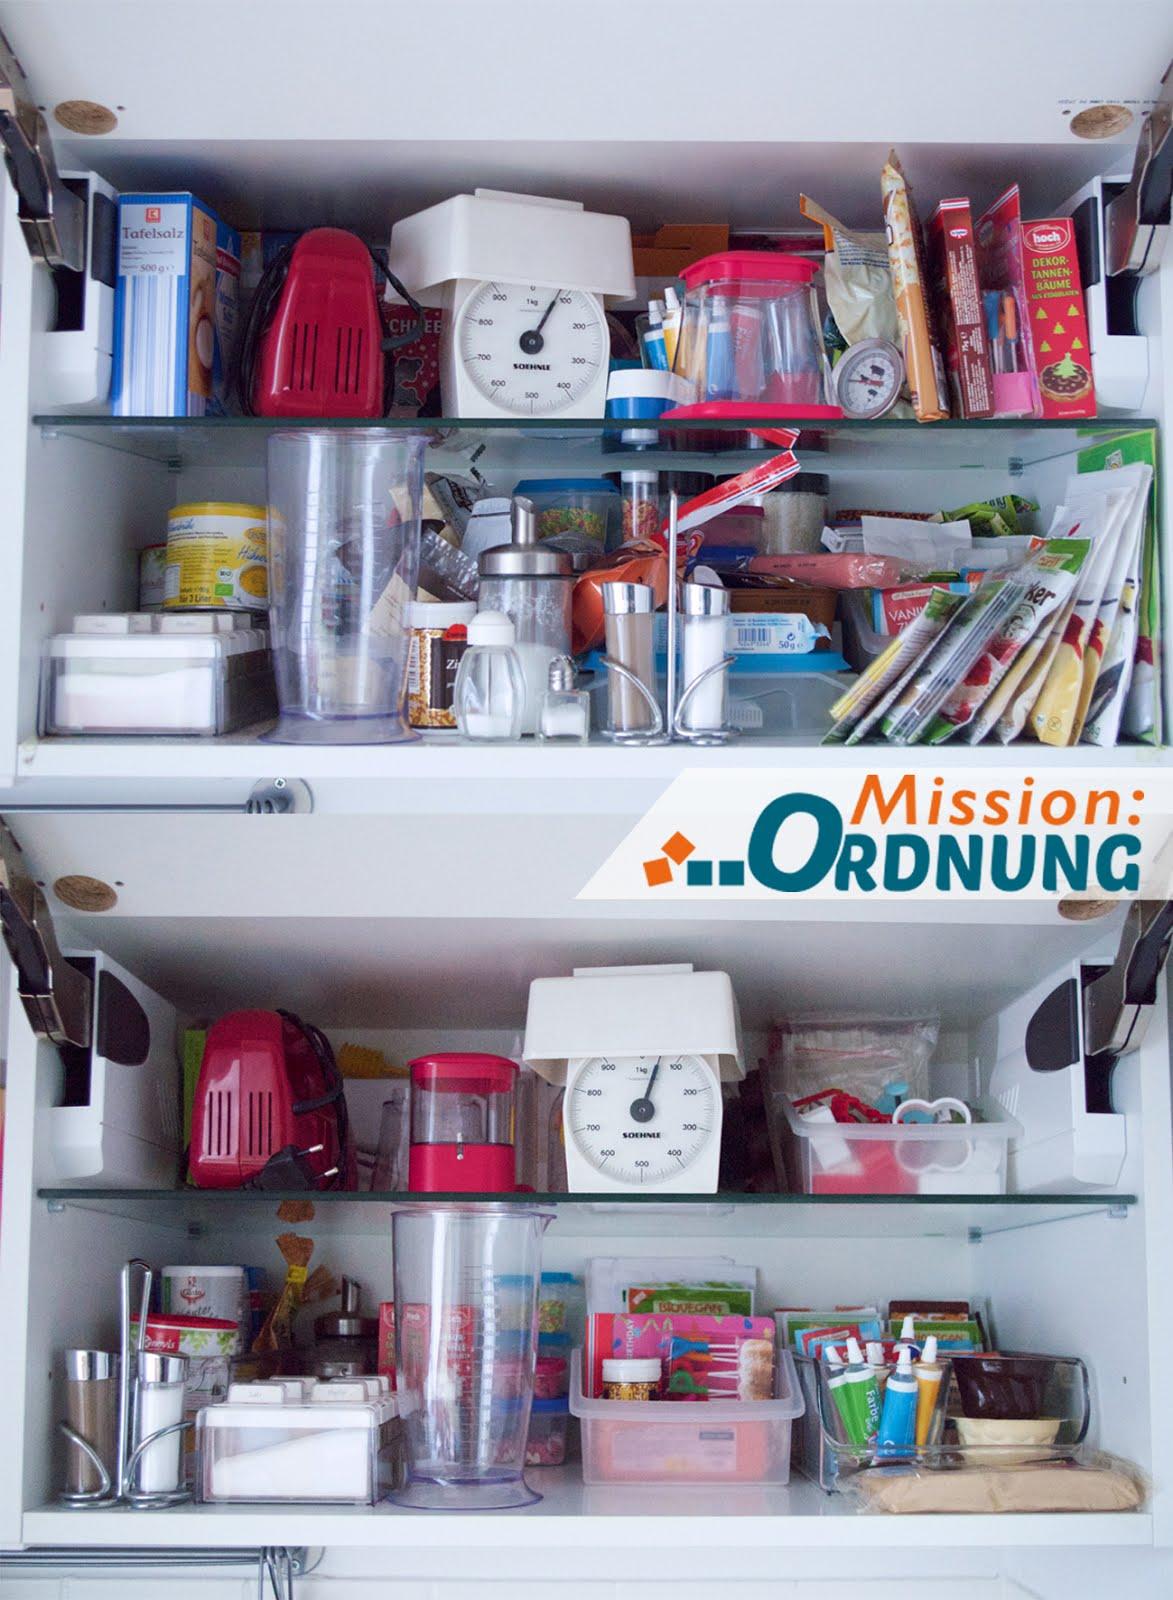 Ordnung In Der Küche mission ordnung ordnung in der küche back und gewürzschrank